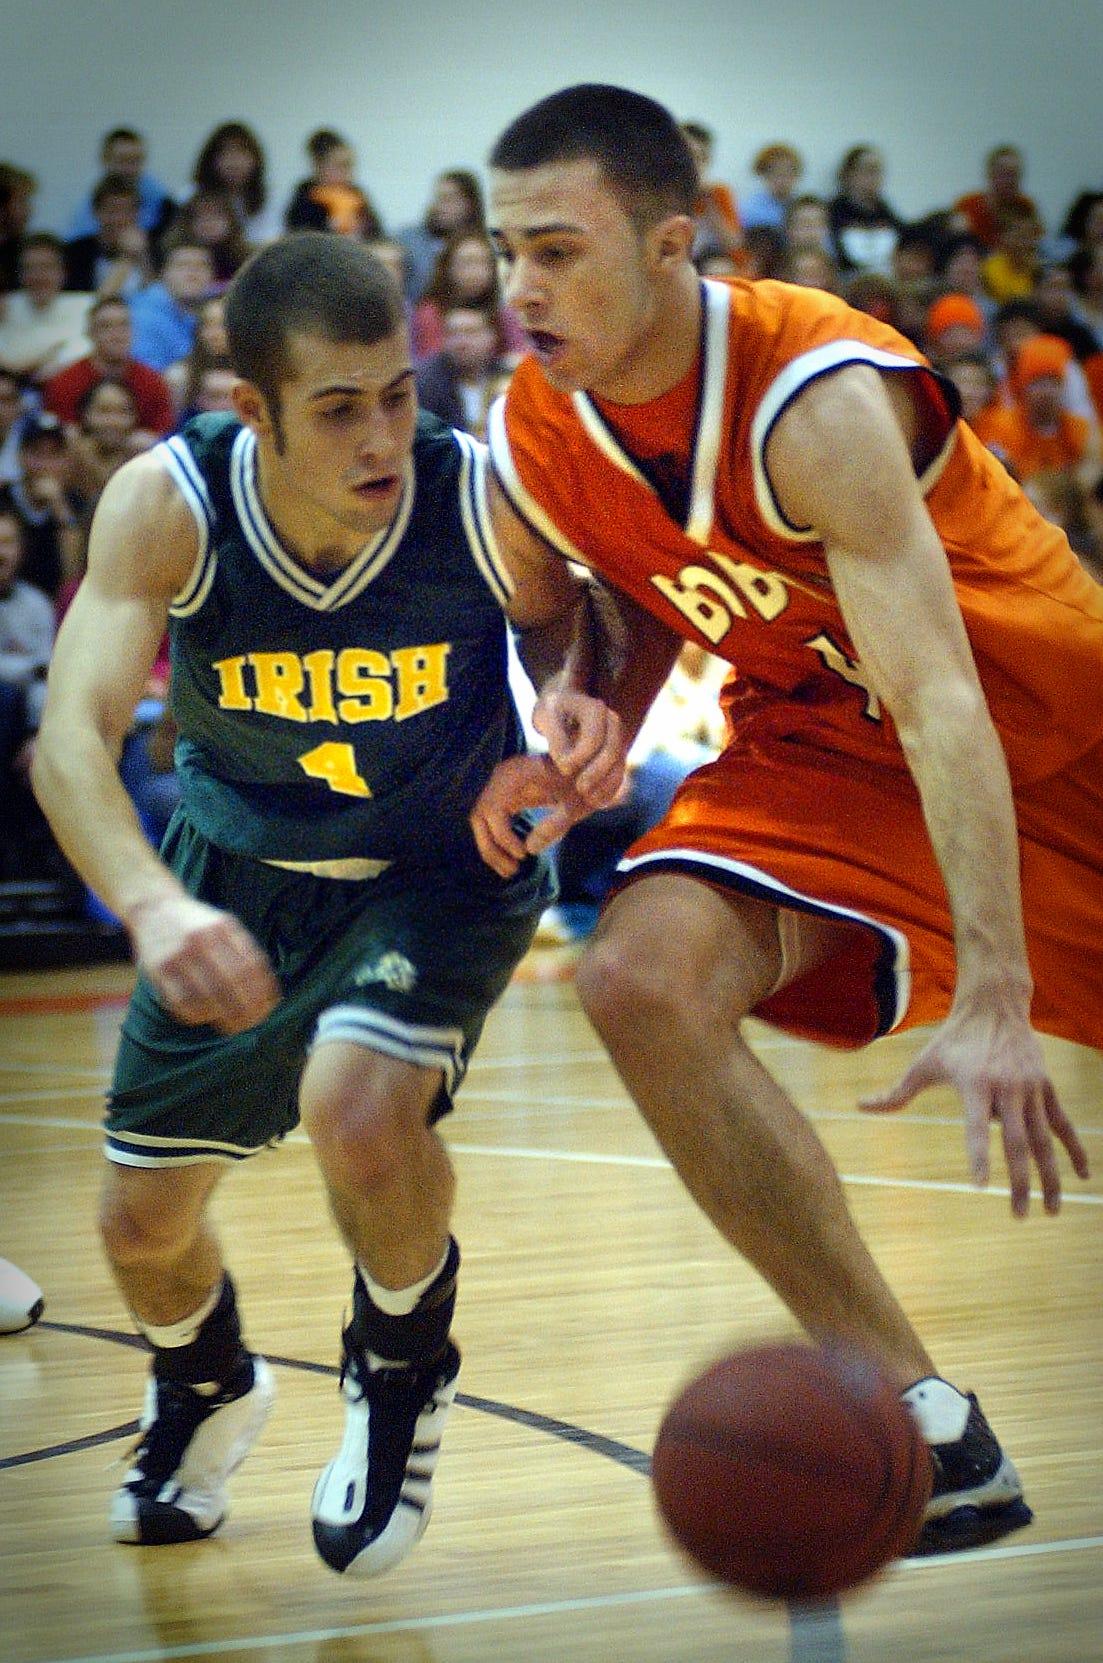 Kort om sport basket 1999 12 14